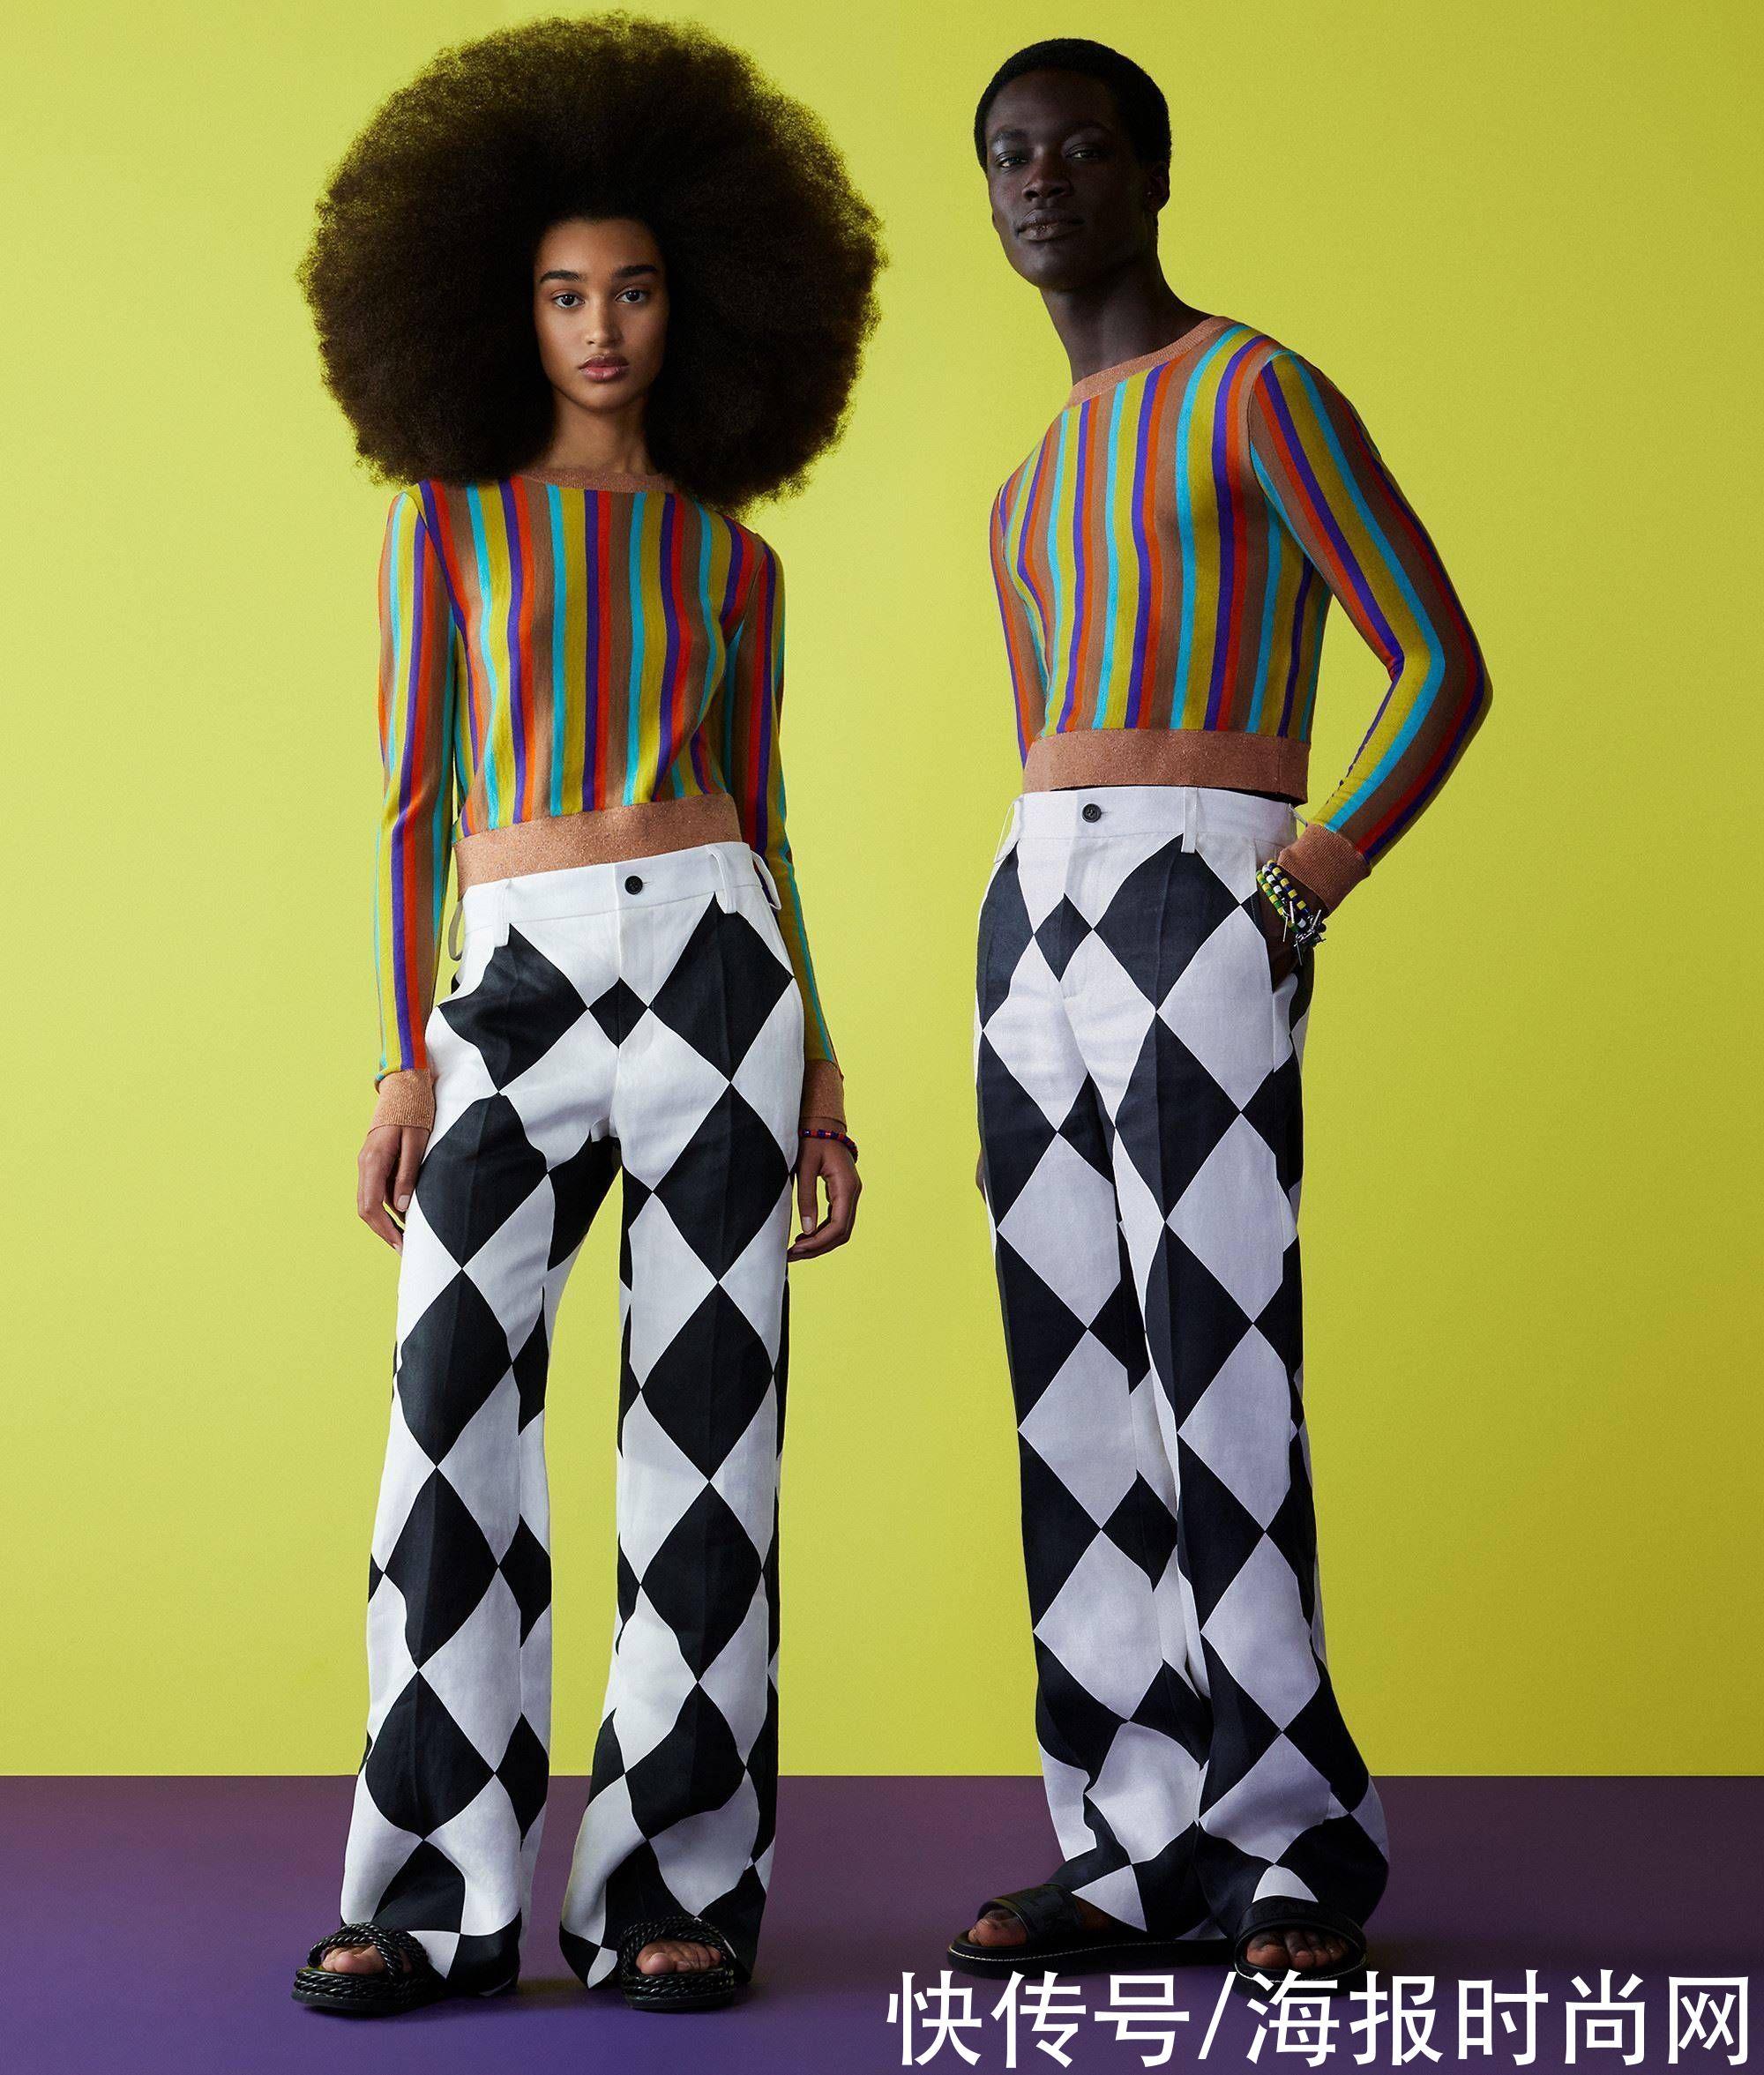 非洲傳統藝術勾勒法式風情KARL LAGERFELD×KENNETH IZE限量聯名系列